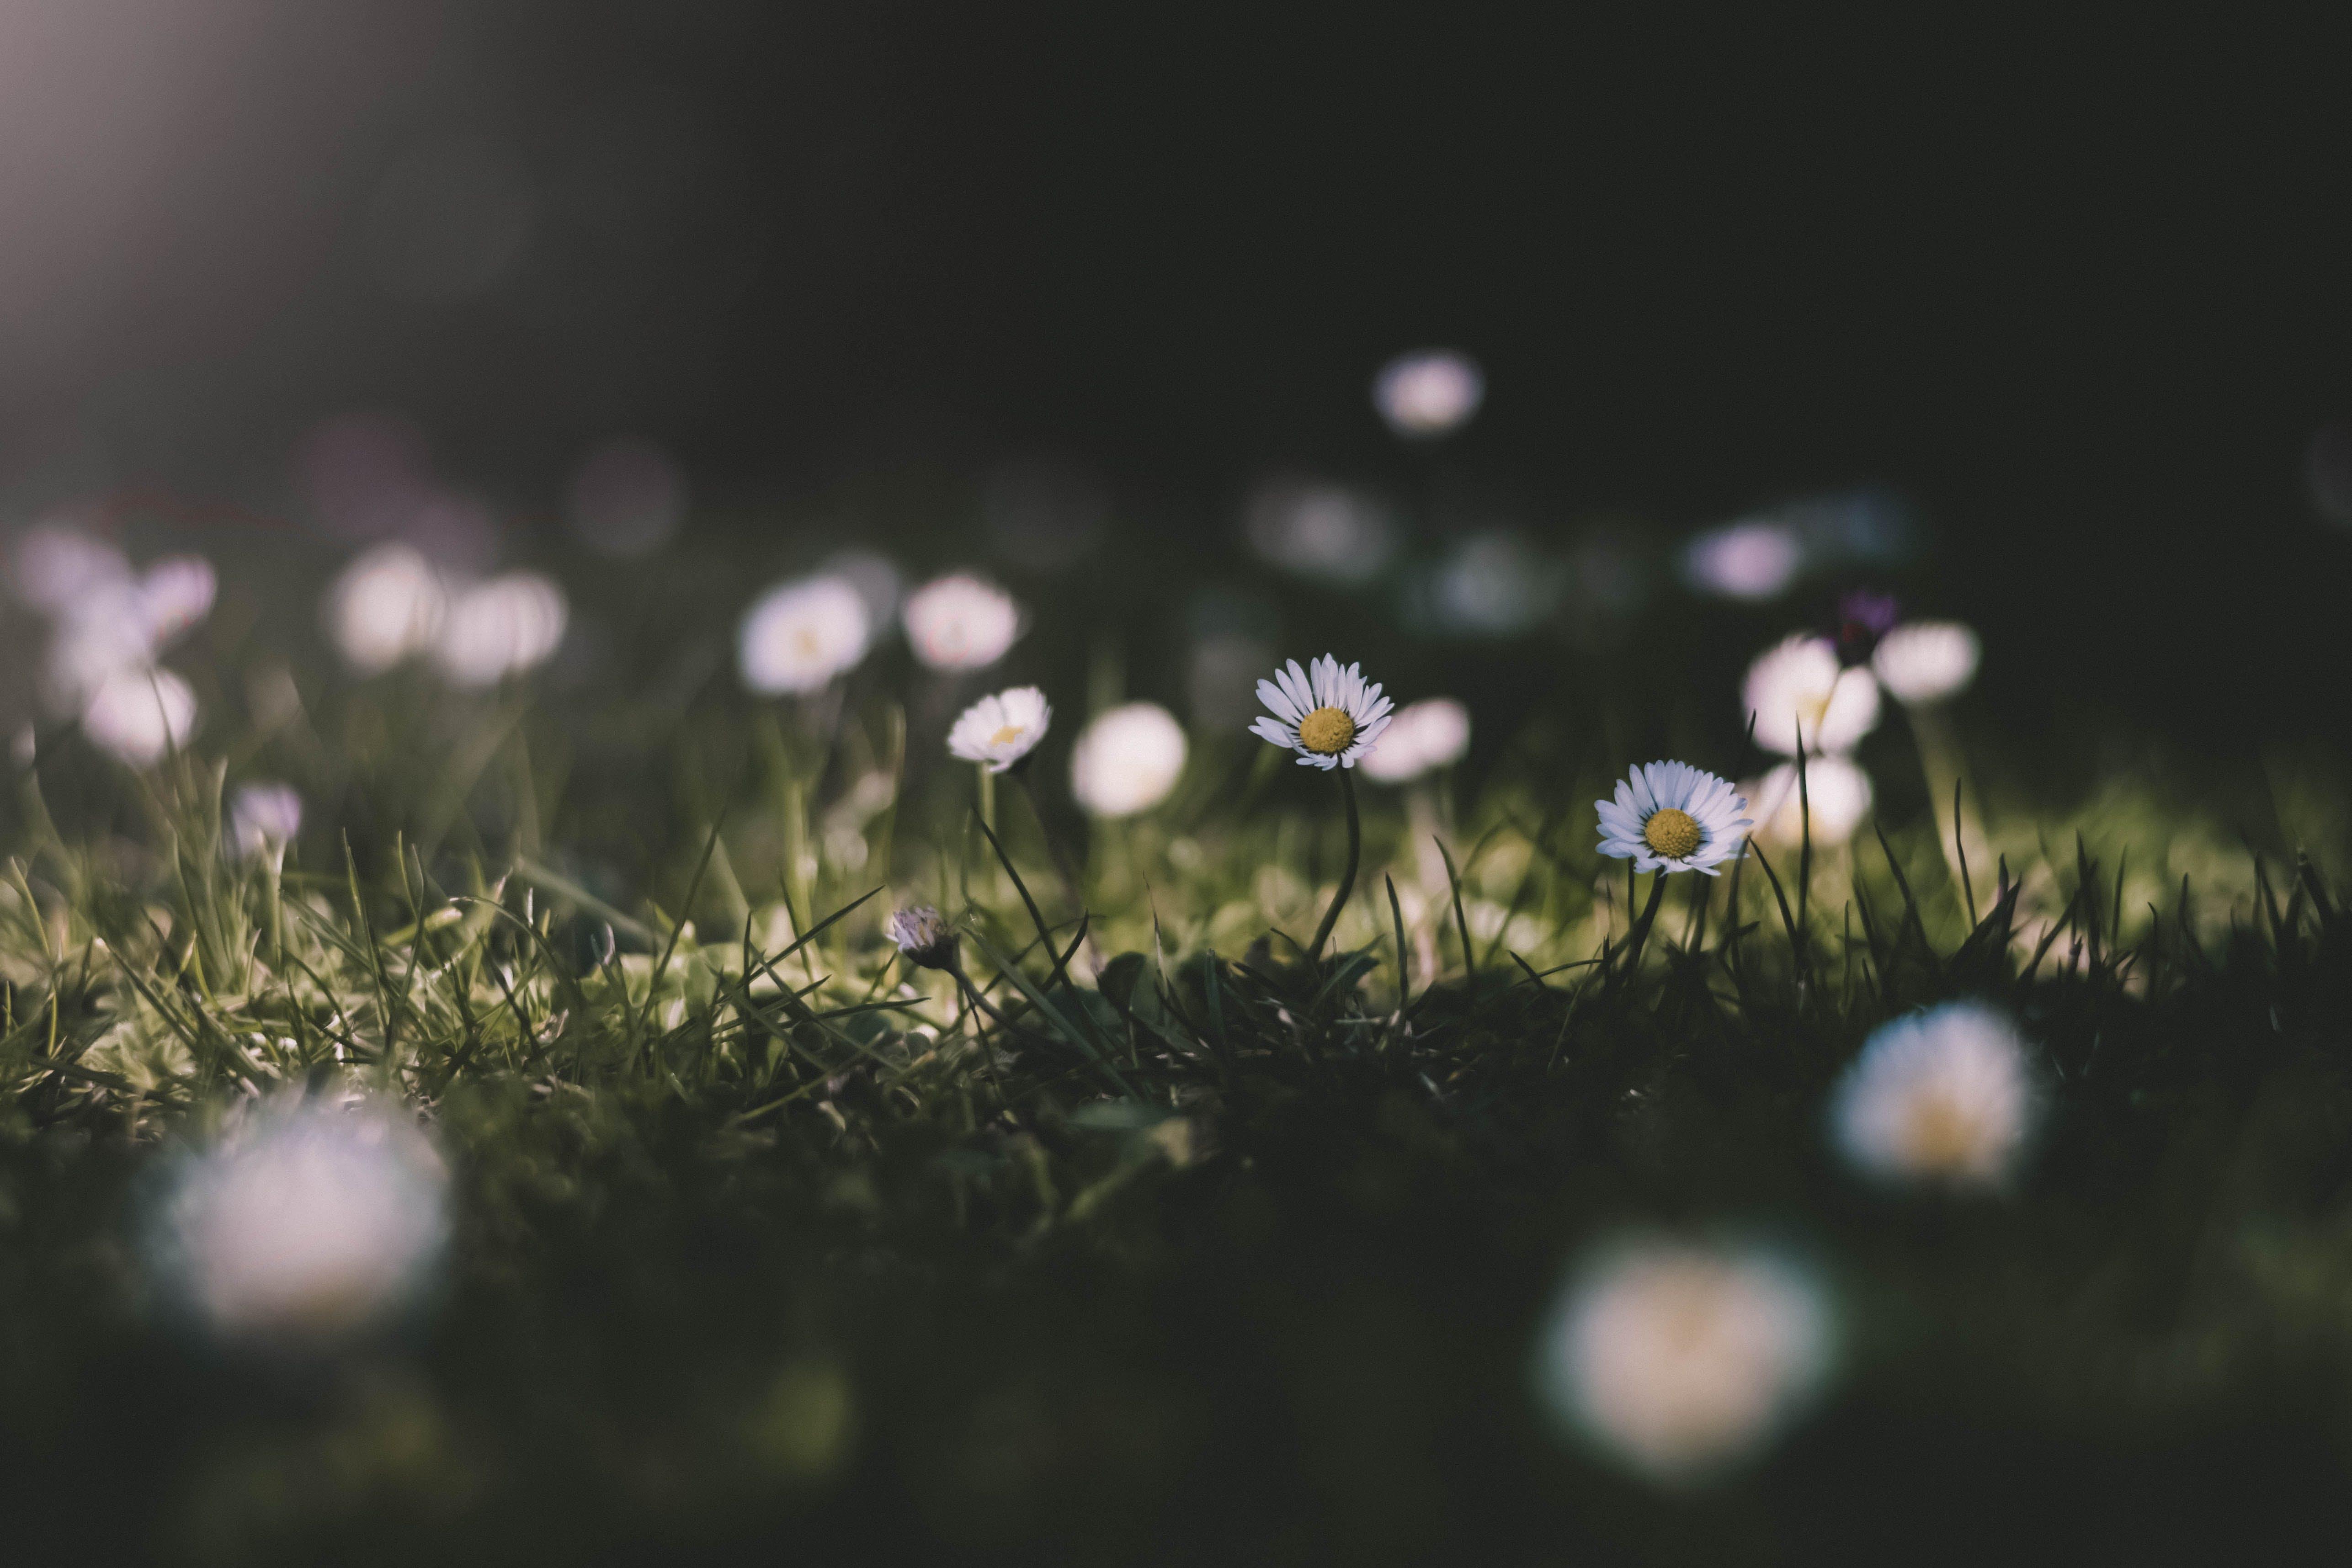 Kostenloses Stock Foto zu blumen, blumengarten, blüte, blütenblätter